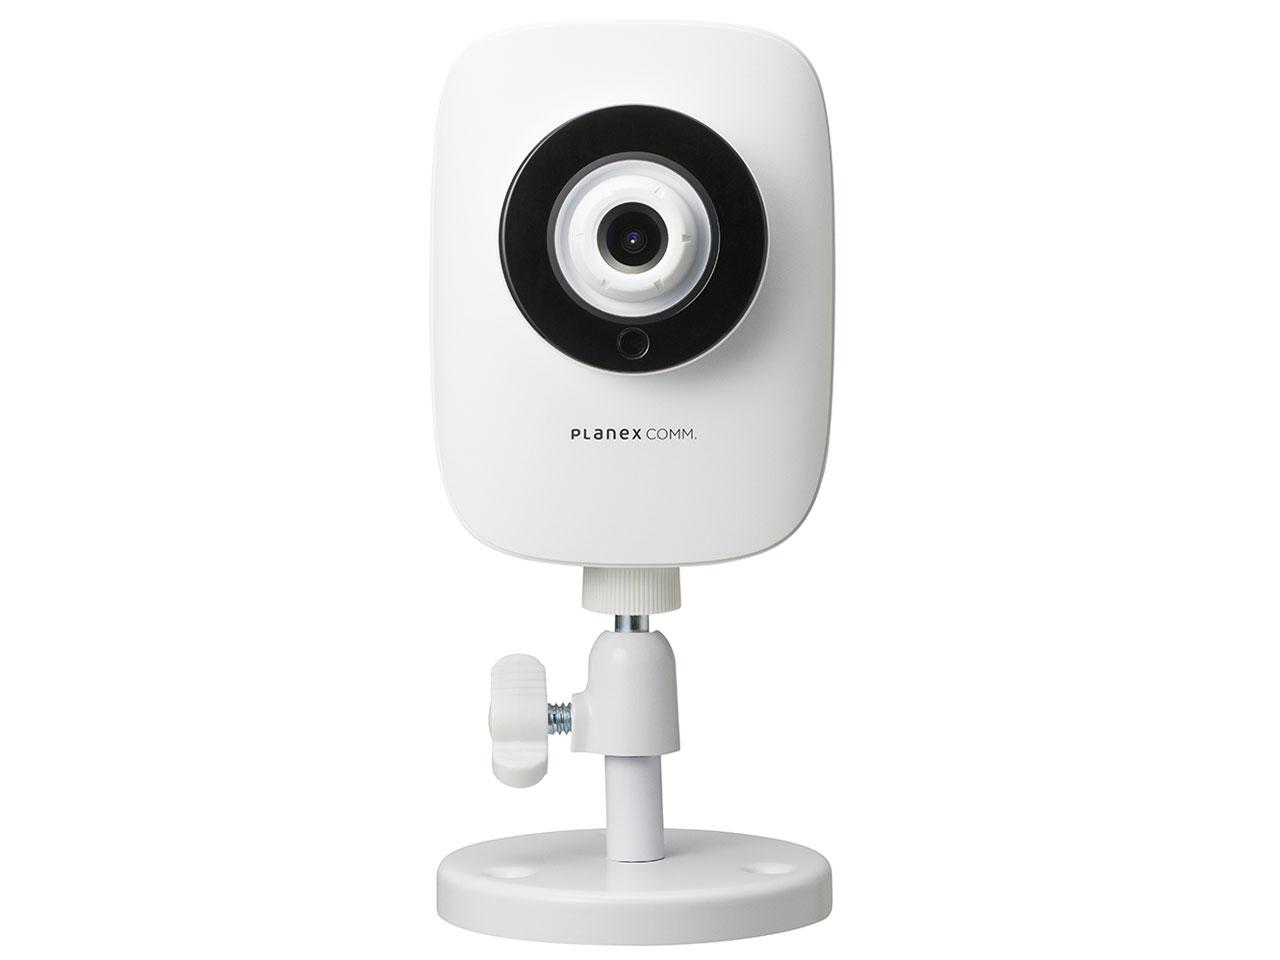 スマカメ CS-QR20 の製品画像